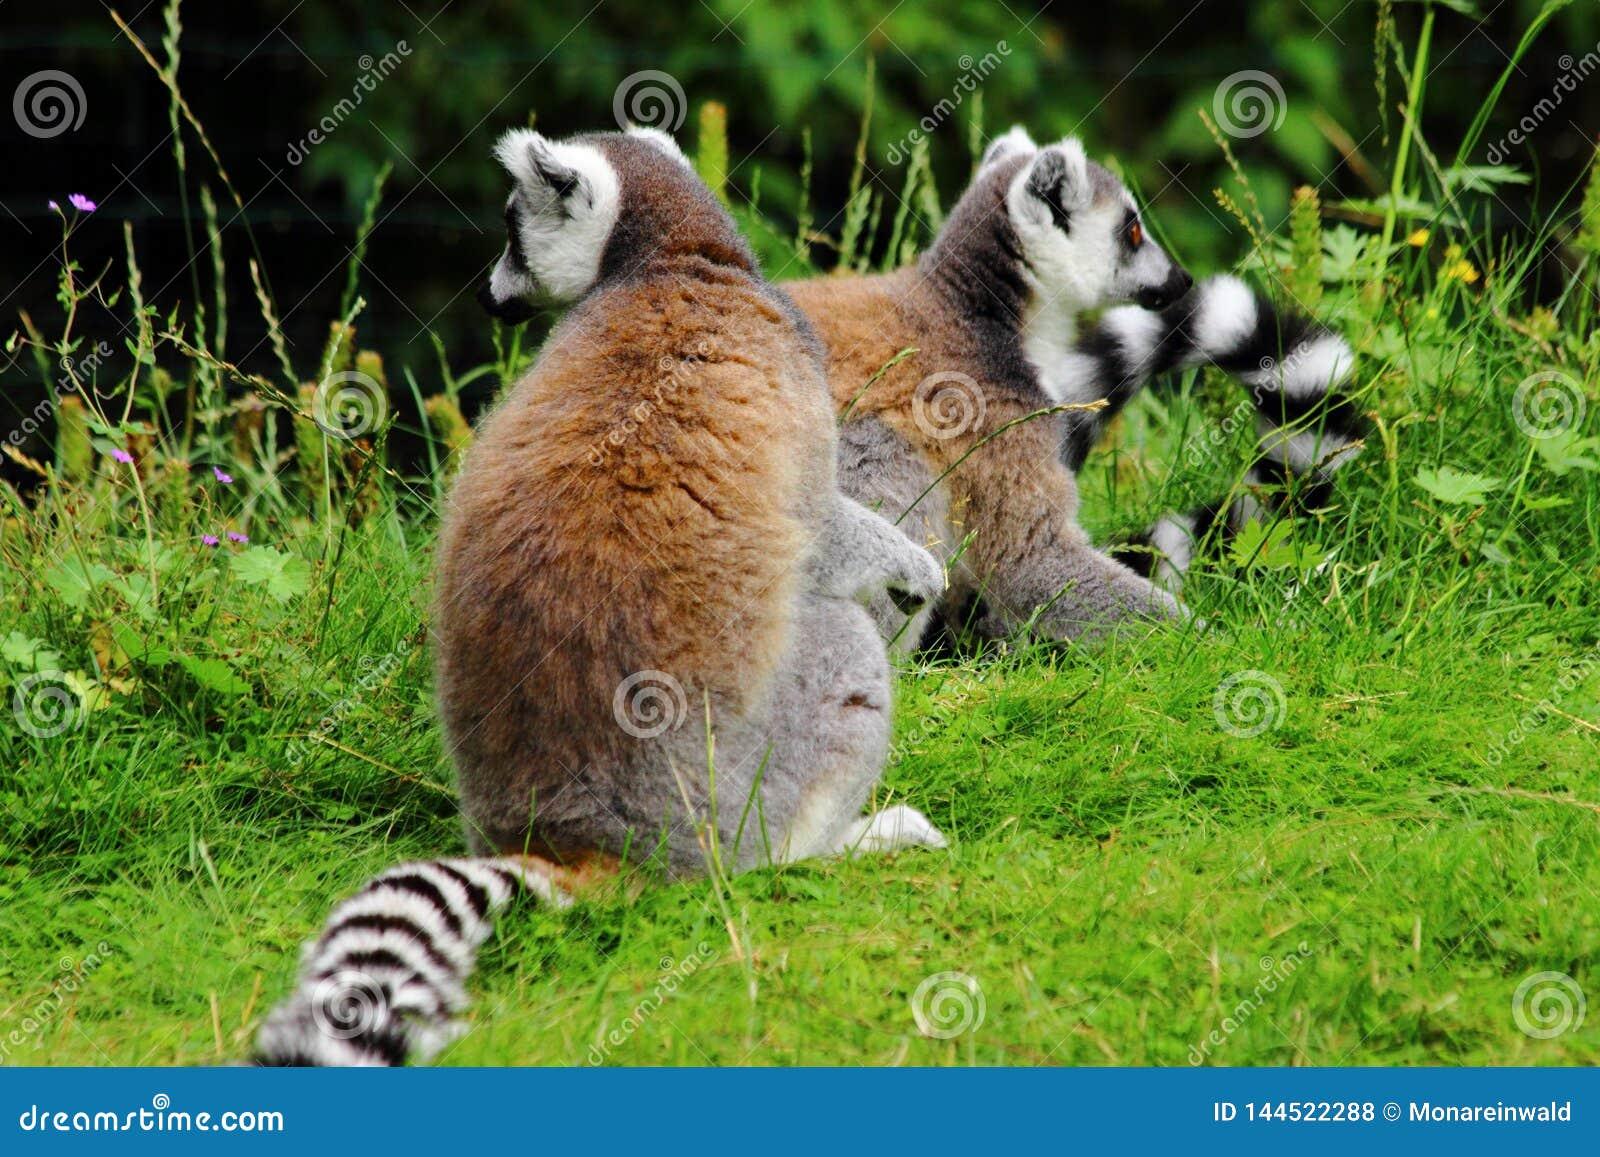 Lemures sitting on gras in zoo in Augsburg in germany